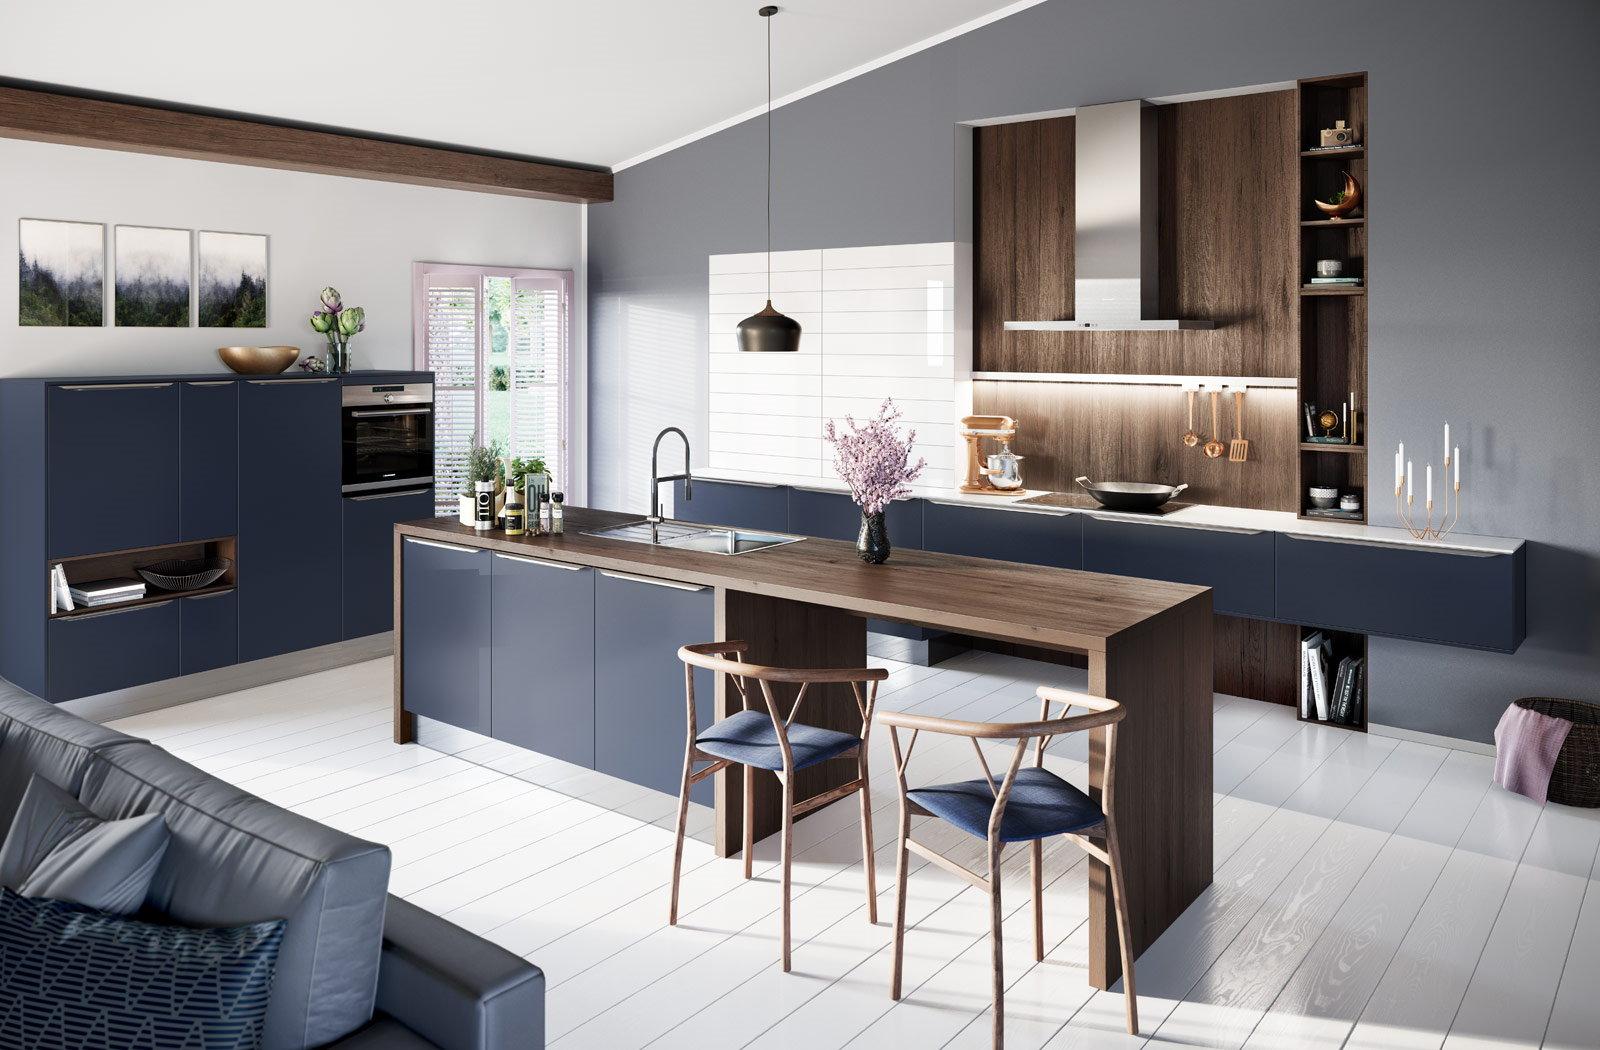 Blauwe design parallel keuken + hout decor, Häcker keuken 6000 Fluweelblauw mat lak